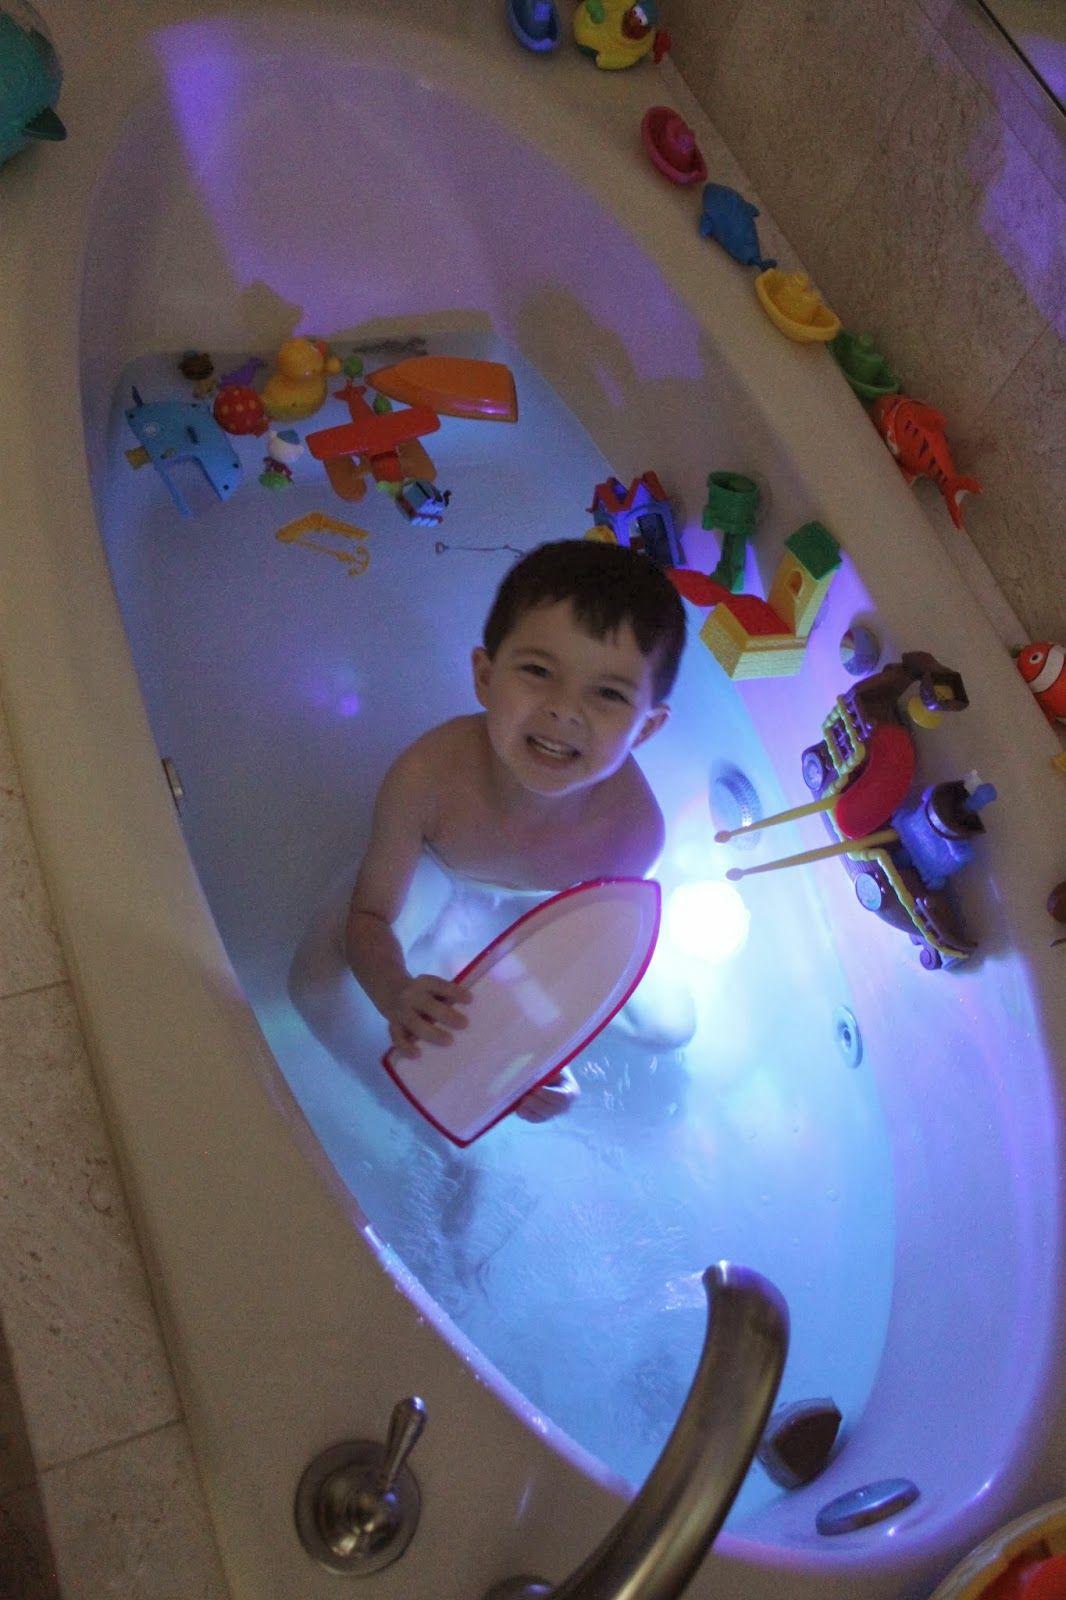 Çocuklar Banyo Eğlence Işığı - Party In The Tub | Anne / Bebek ...